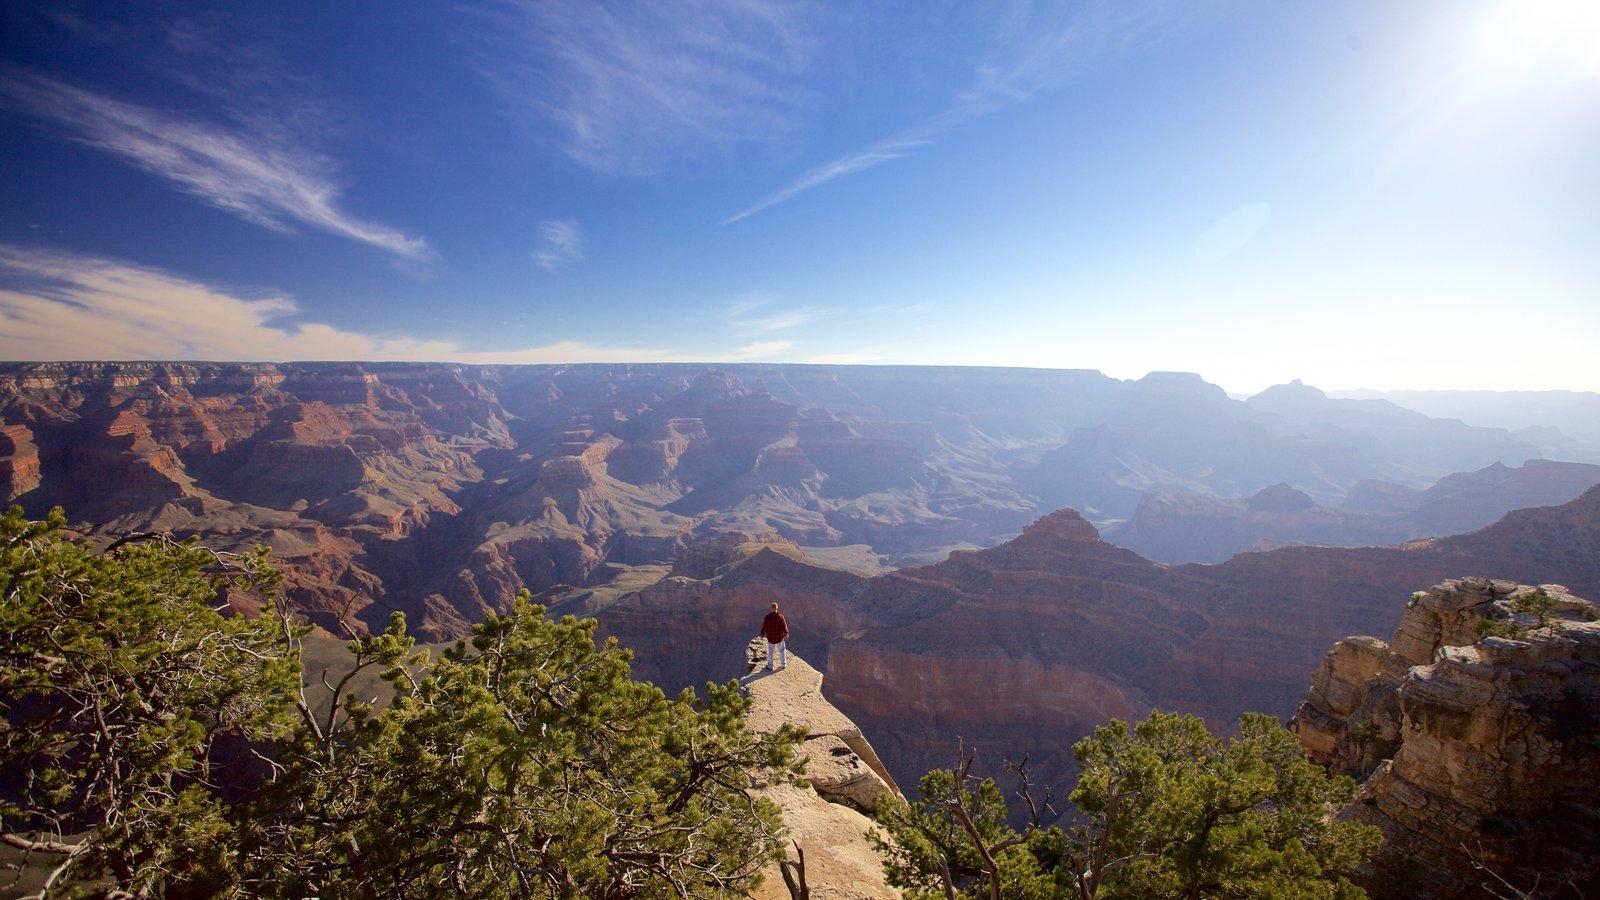 Grand Canyon mostrando paisagens, paisagem e um desfiladeiro ou canyon